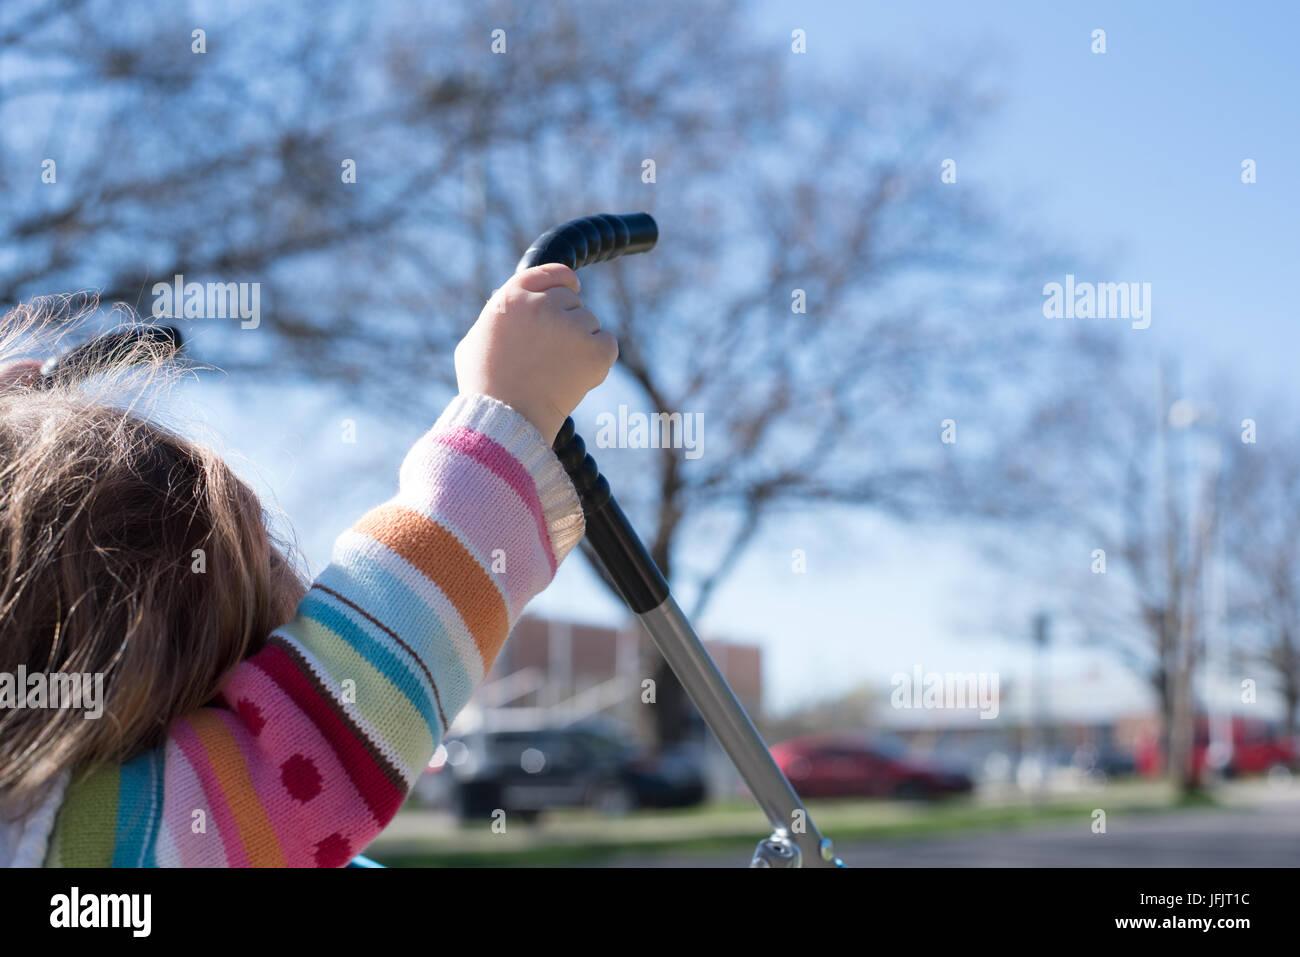 Ein kleines Mädchen schiebt einen Kinderwagen mit nur ihre kleine Hand und Kopf sichtbar. Von hinten. Stockbild